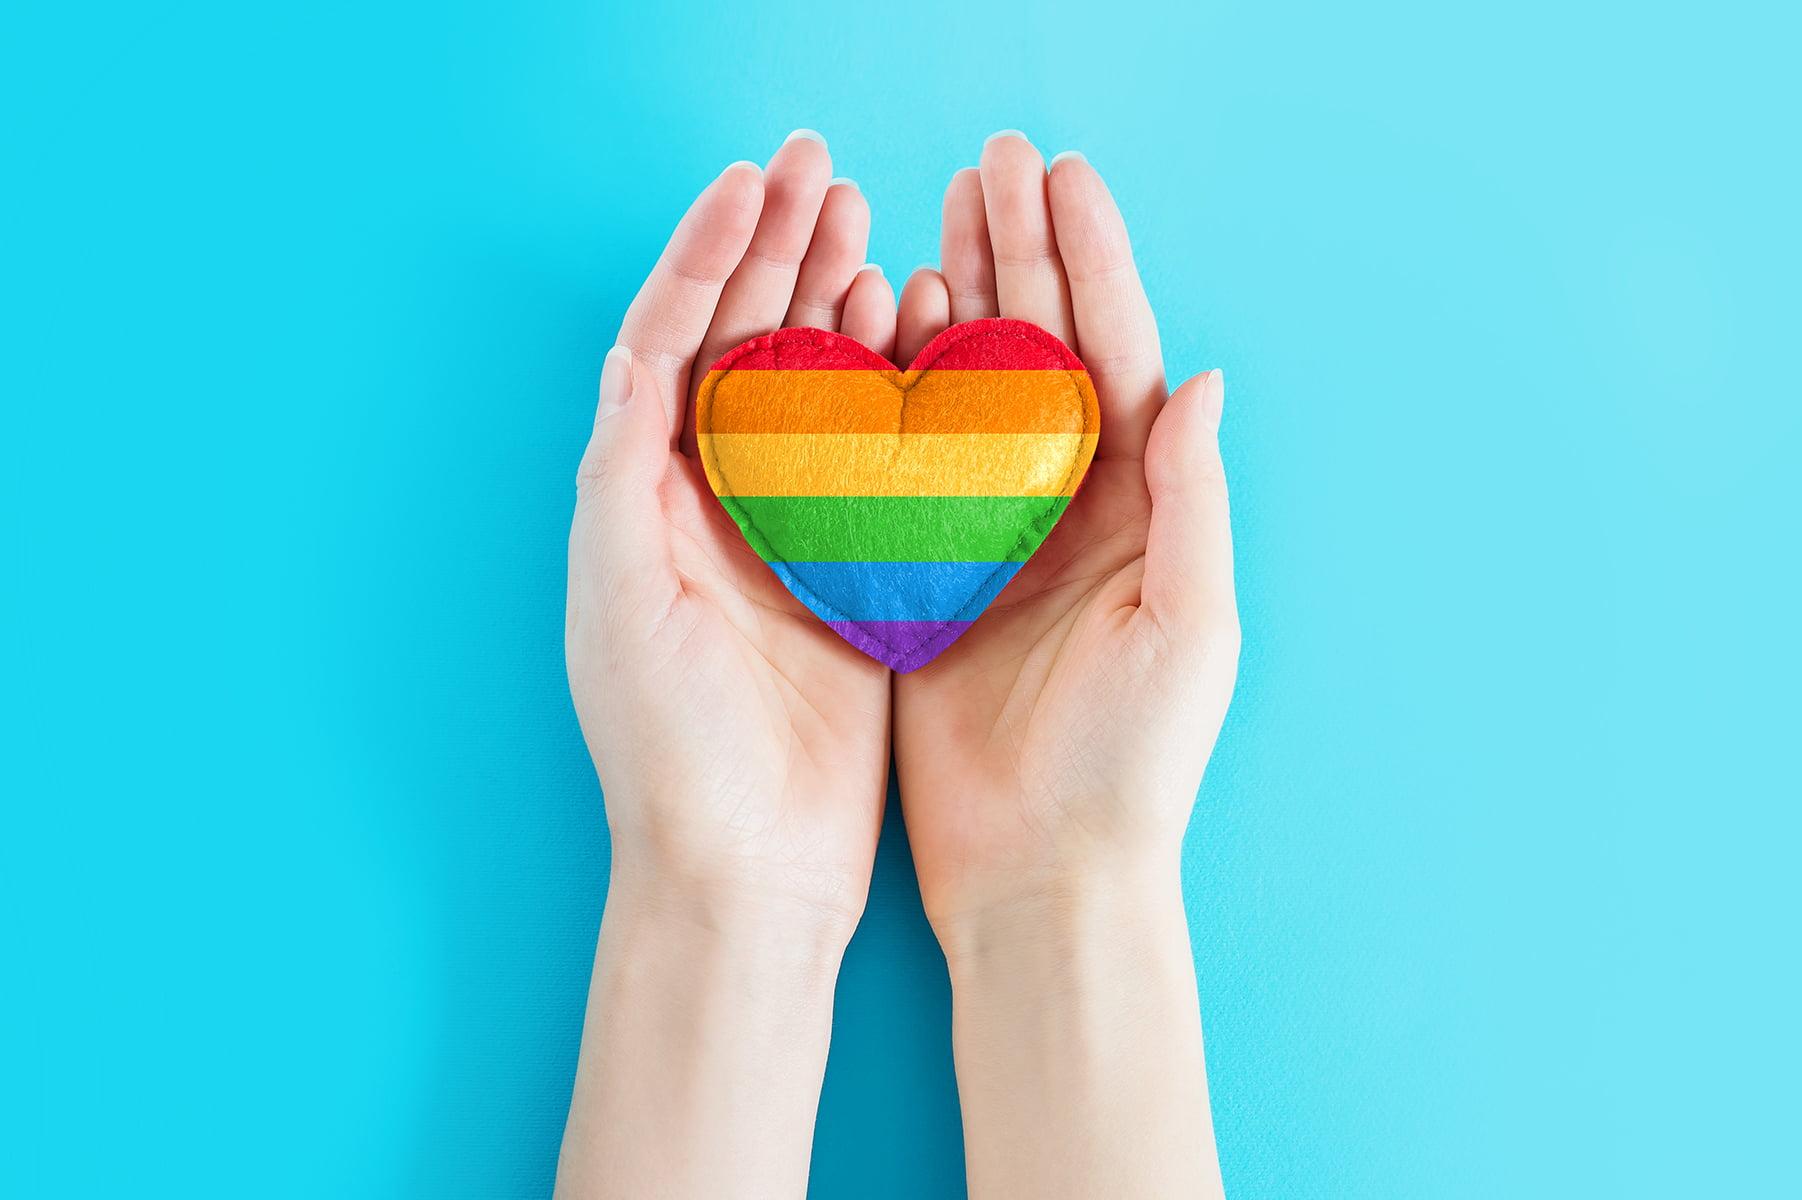 mês do orgulho LGBT - junho